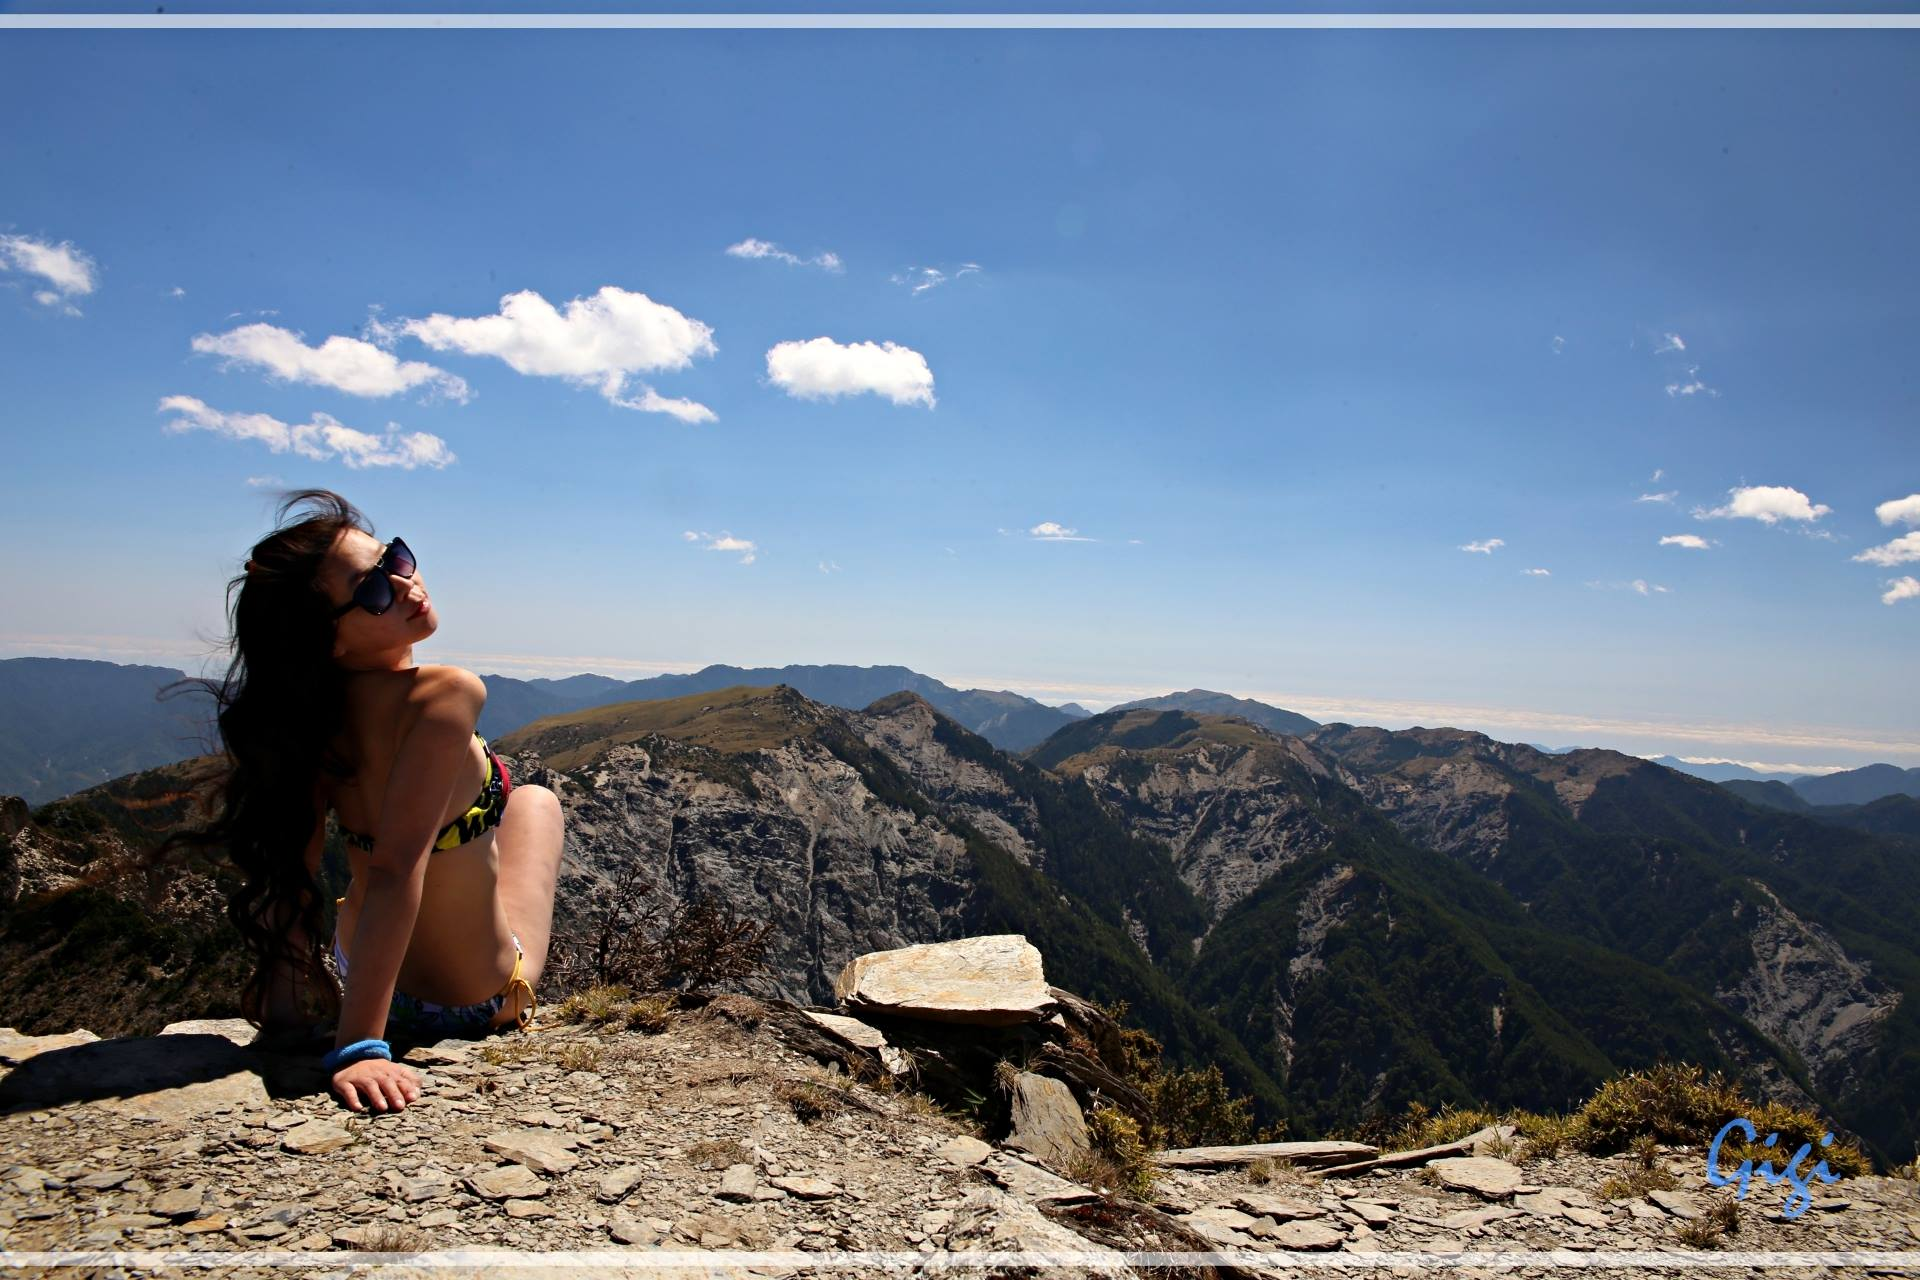 ती जेव्हा पर्वत सर करायला जायची तेव्हा ती फक्त बिकिनी घालूनच संपूर्ण पर्वत सर करत होती.